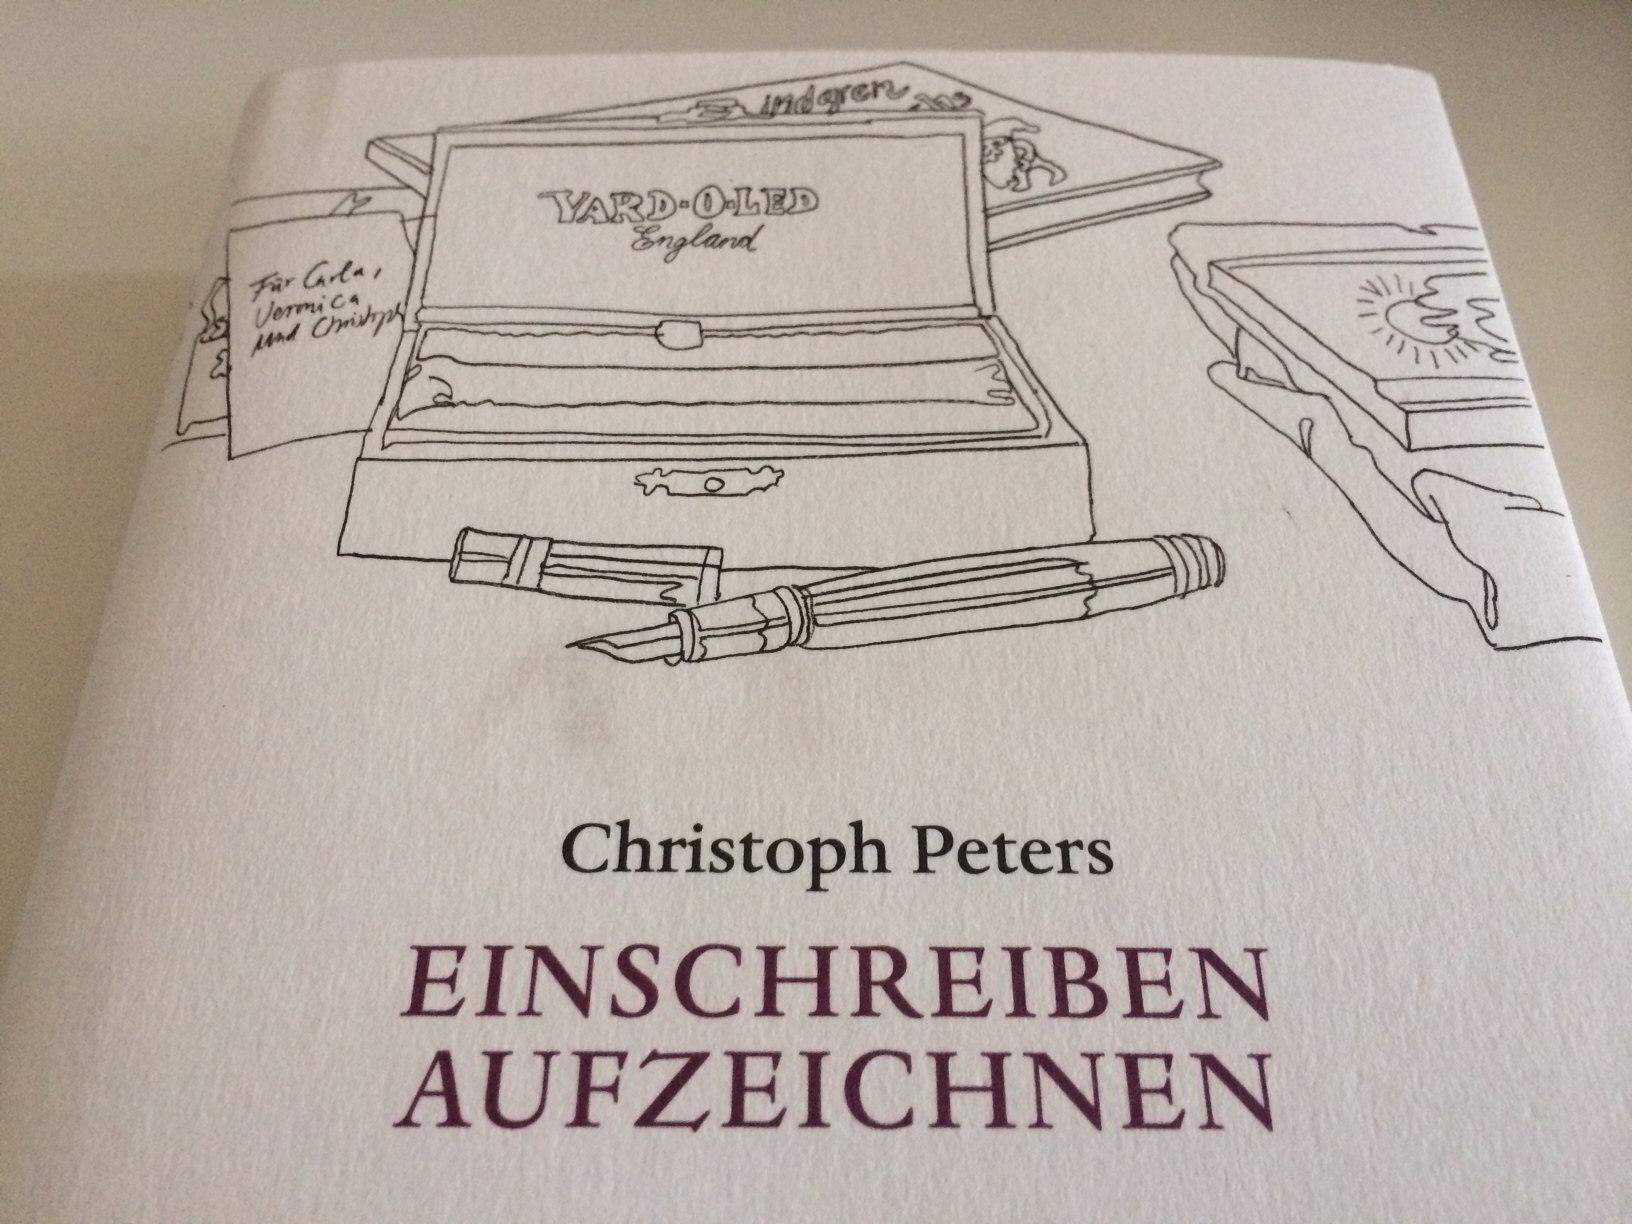 Einschreiben Aufzeichnen.Von Christoph Peters.